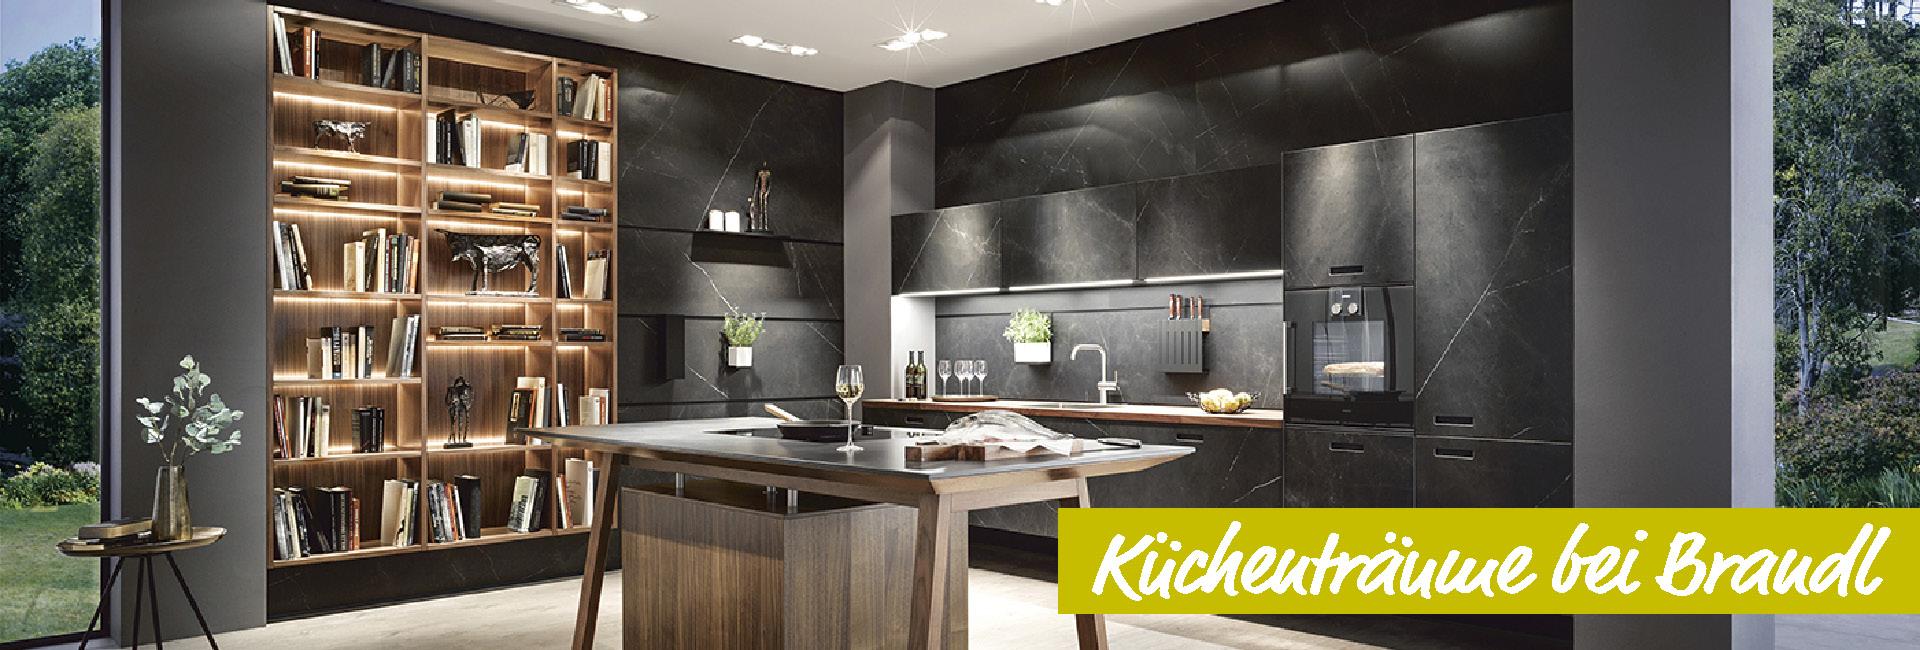 Full Size of Landhausküche Einrichten Kche Moderne Weisse Gebraucht Grau Badezimmer Kleine Küche Weiß Wohnzimmer Landhausküche Einrichten